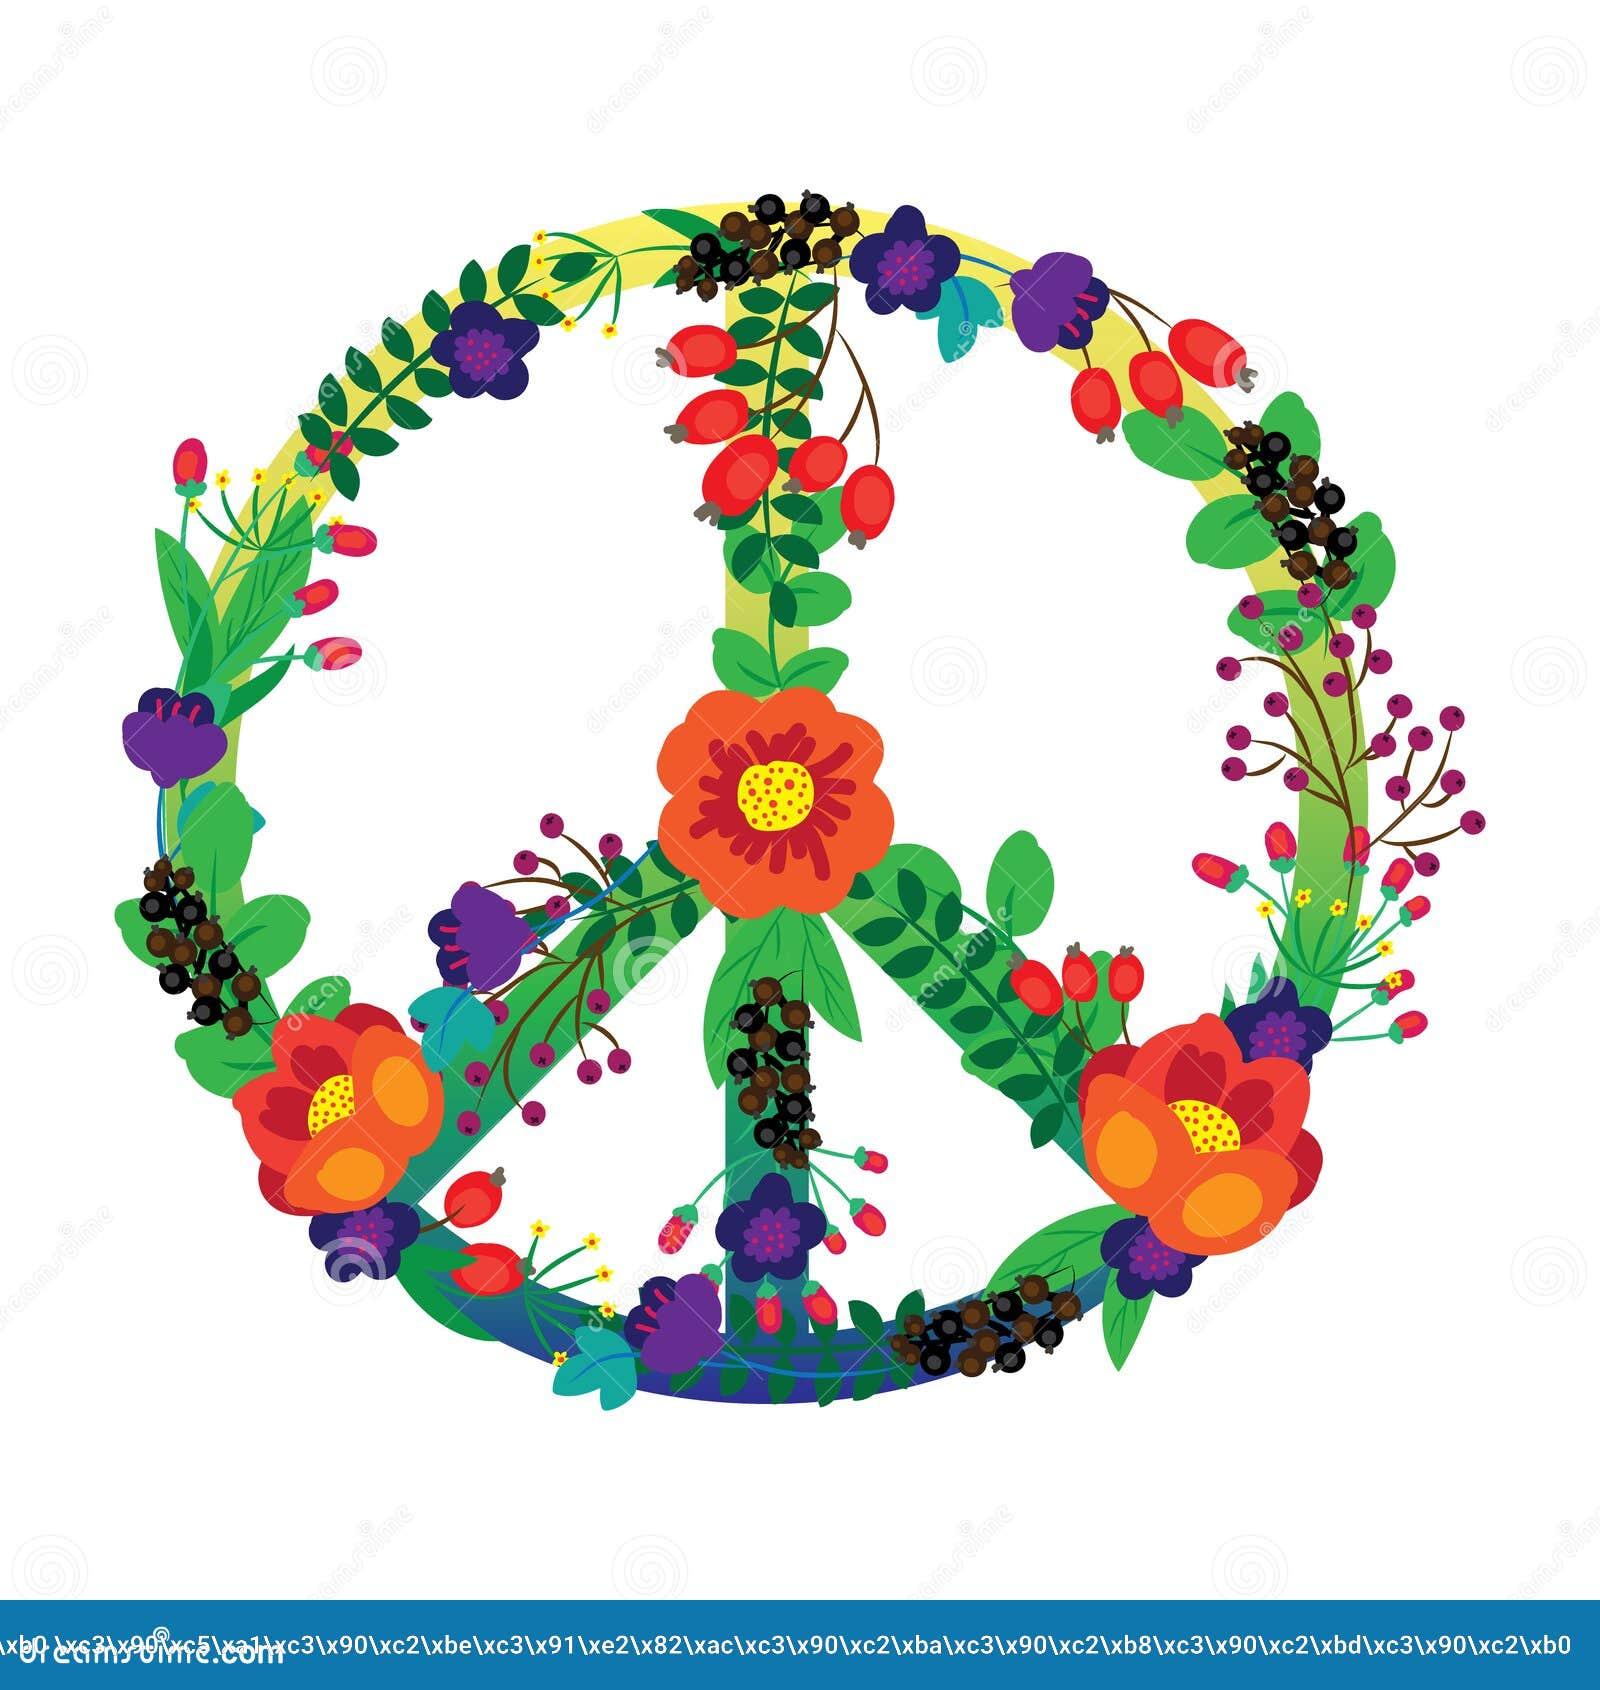 how to draw hippie flowers